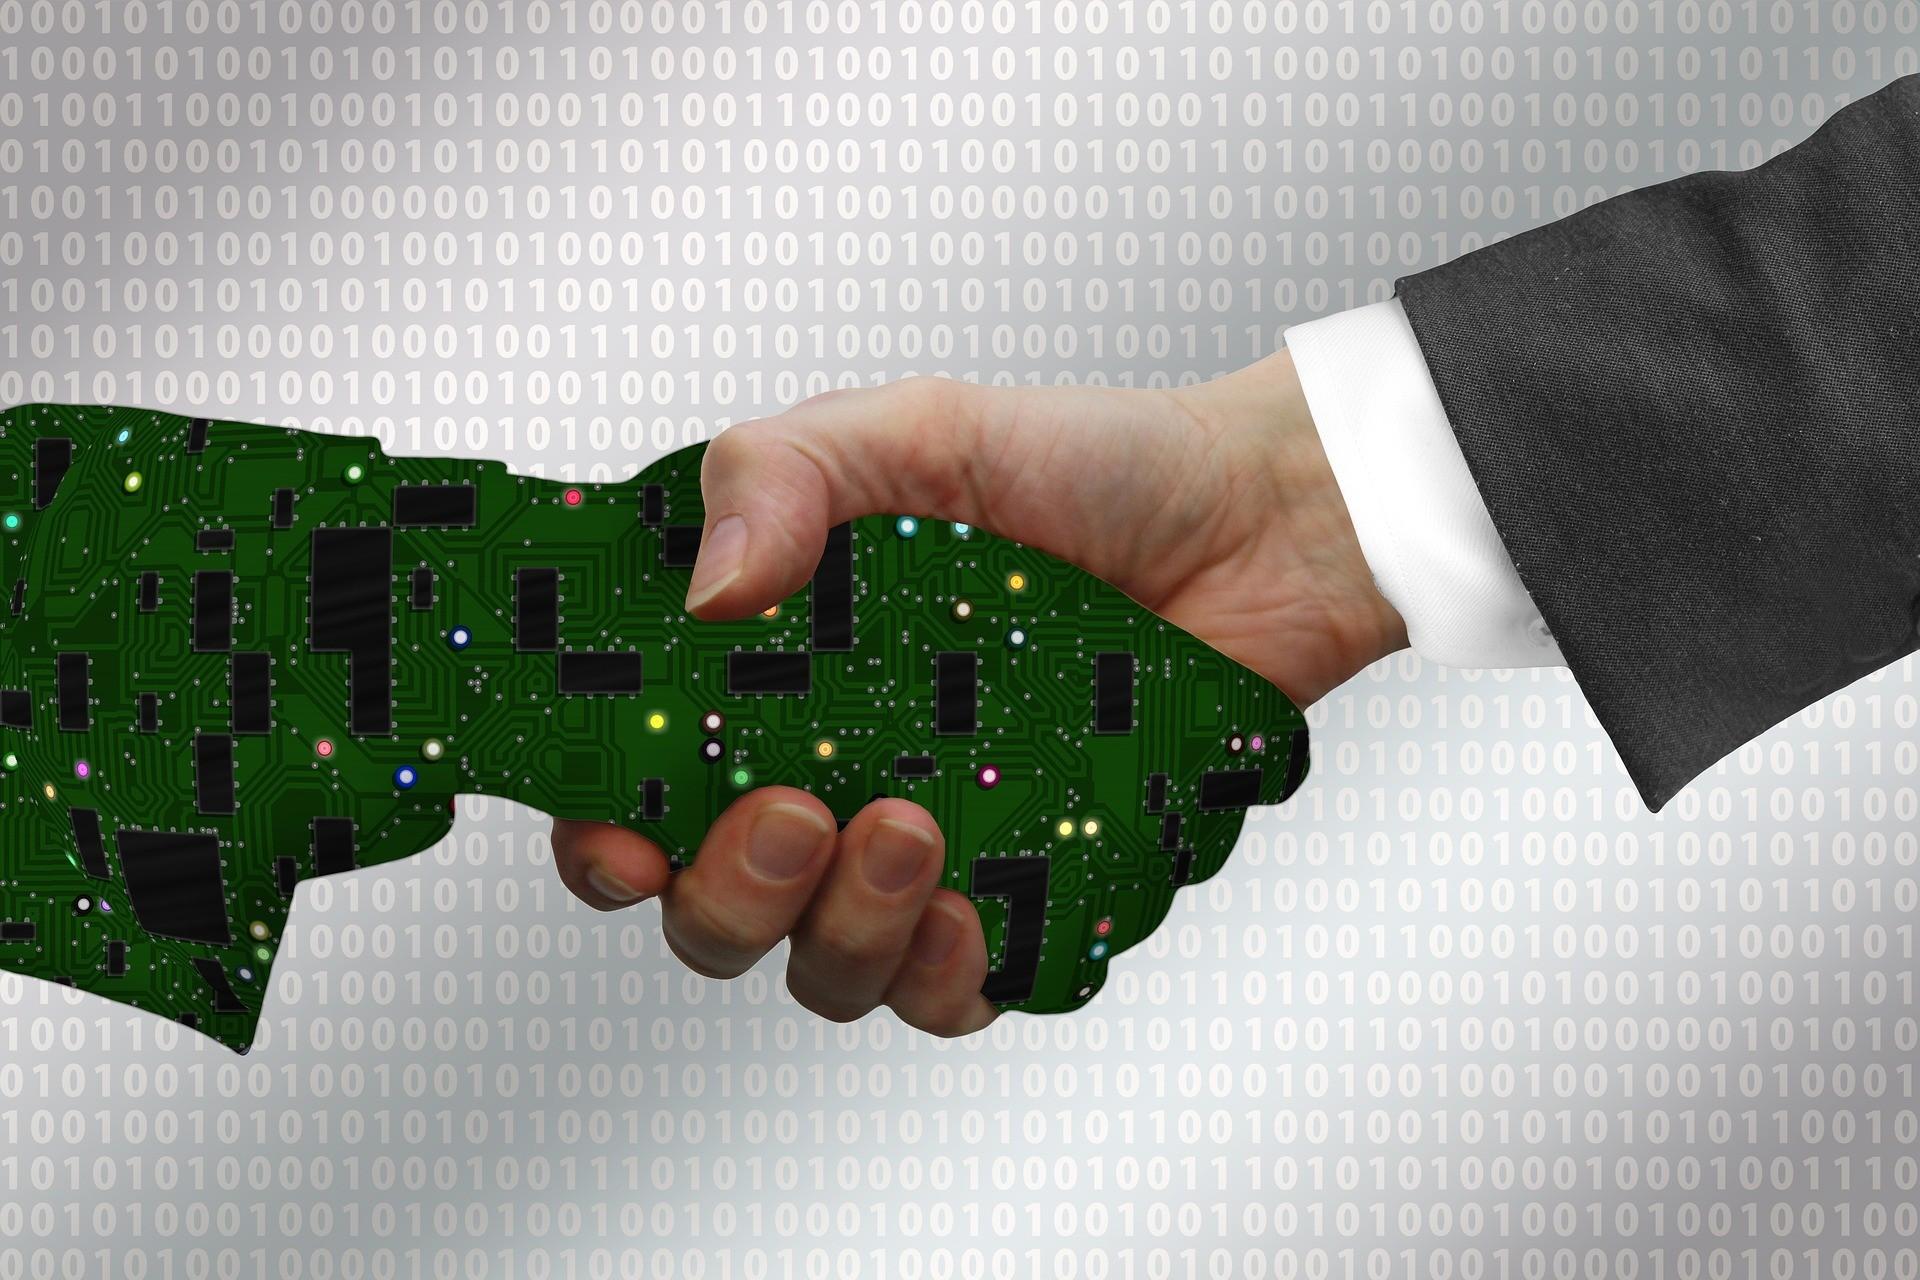 Visualisation of handshake between human and machine